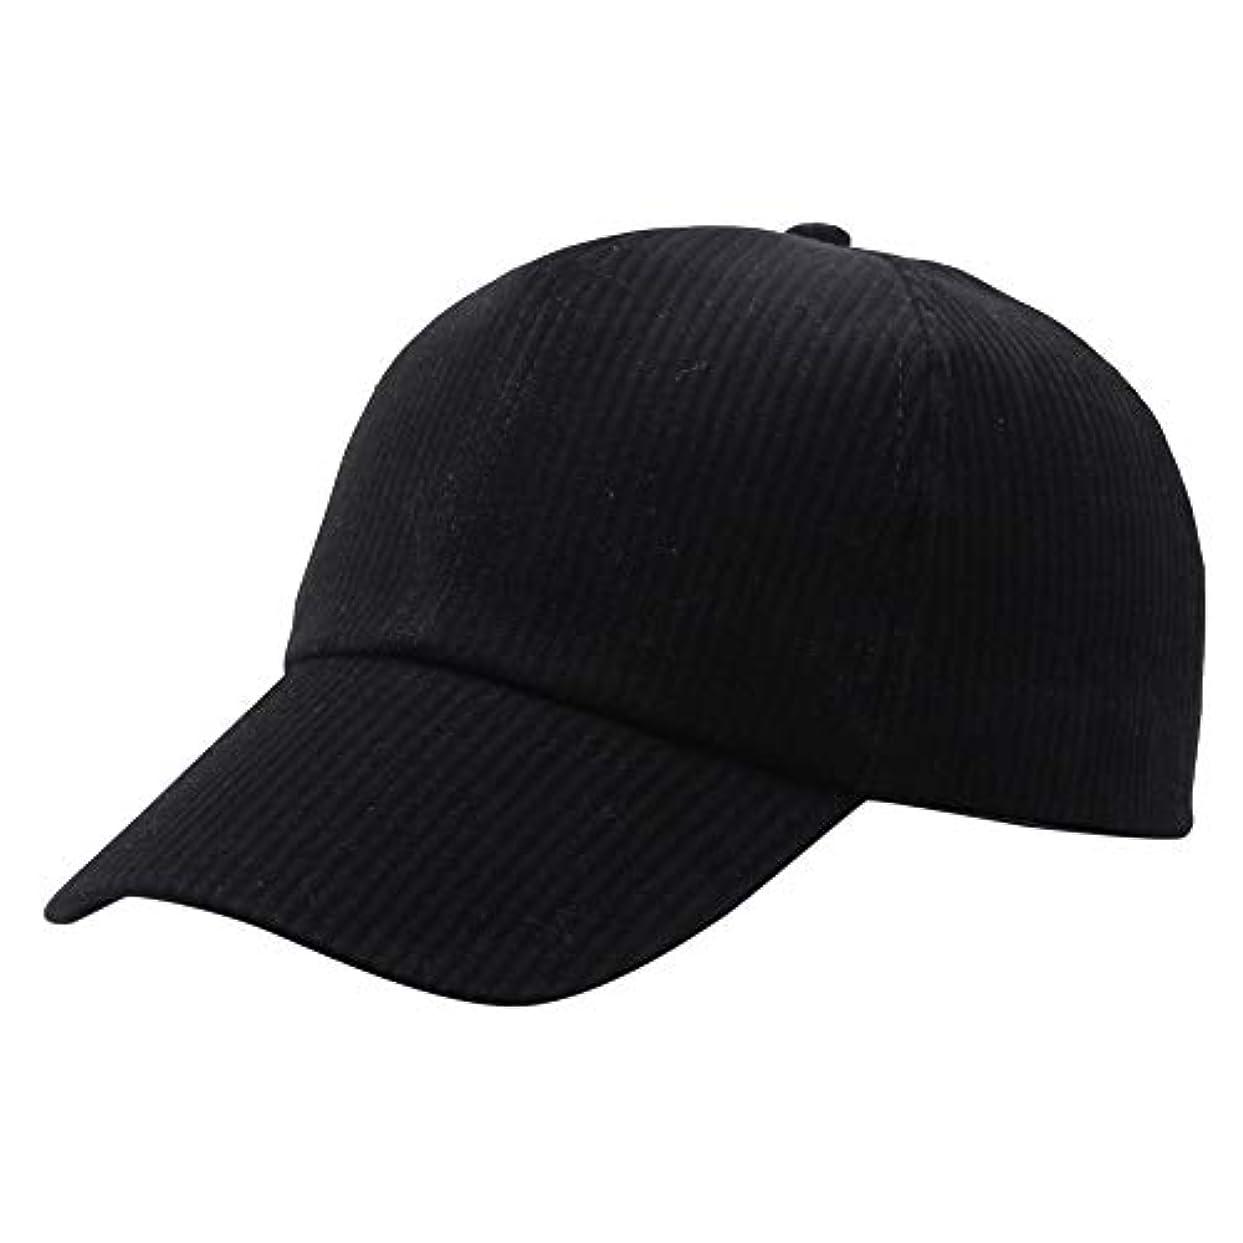 鉄道ブロック連鎖Racazing Cap コーデュロイ 野球帽 迷彩 夏 登山 通気性のある メッシュ 帽子 ベルクロ 可調整可能 ストライプ 刺繍 棒球帽 UV 帽子 軽量 屋外 Unisex Hat (B)